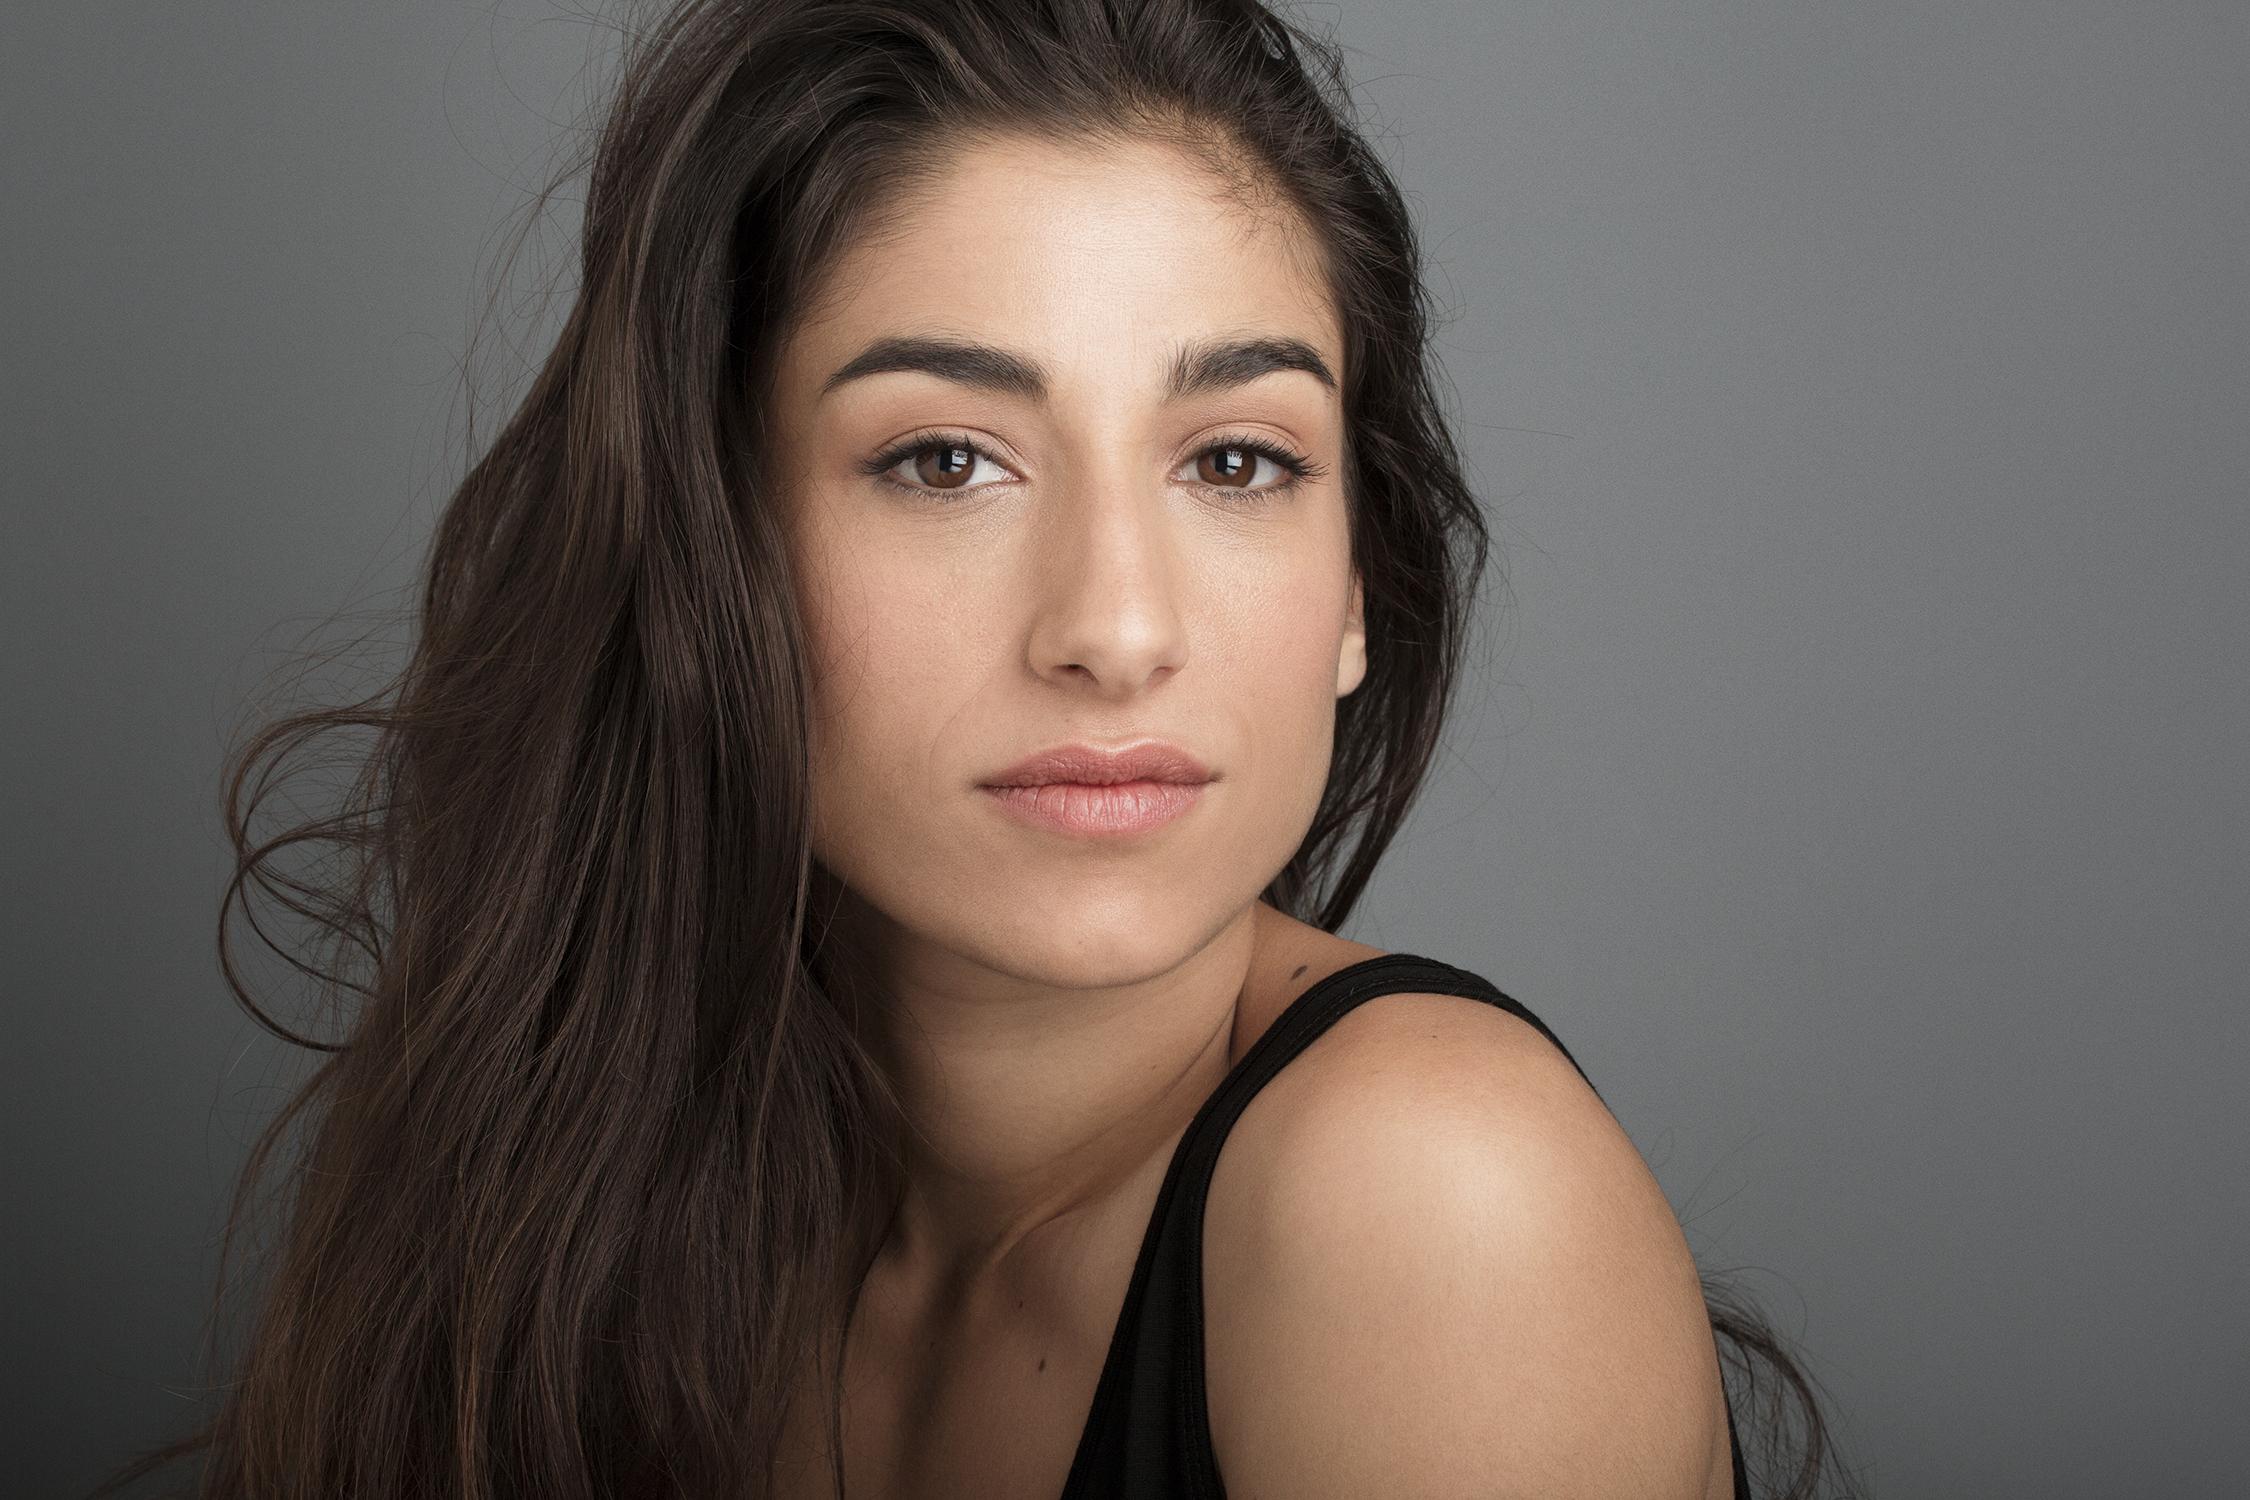 La actriz extremeña Carolina Yuste acudirá hoy martes a la presentación de la película Carmen y Lola en Don Benito